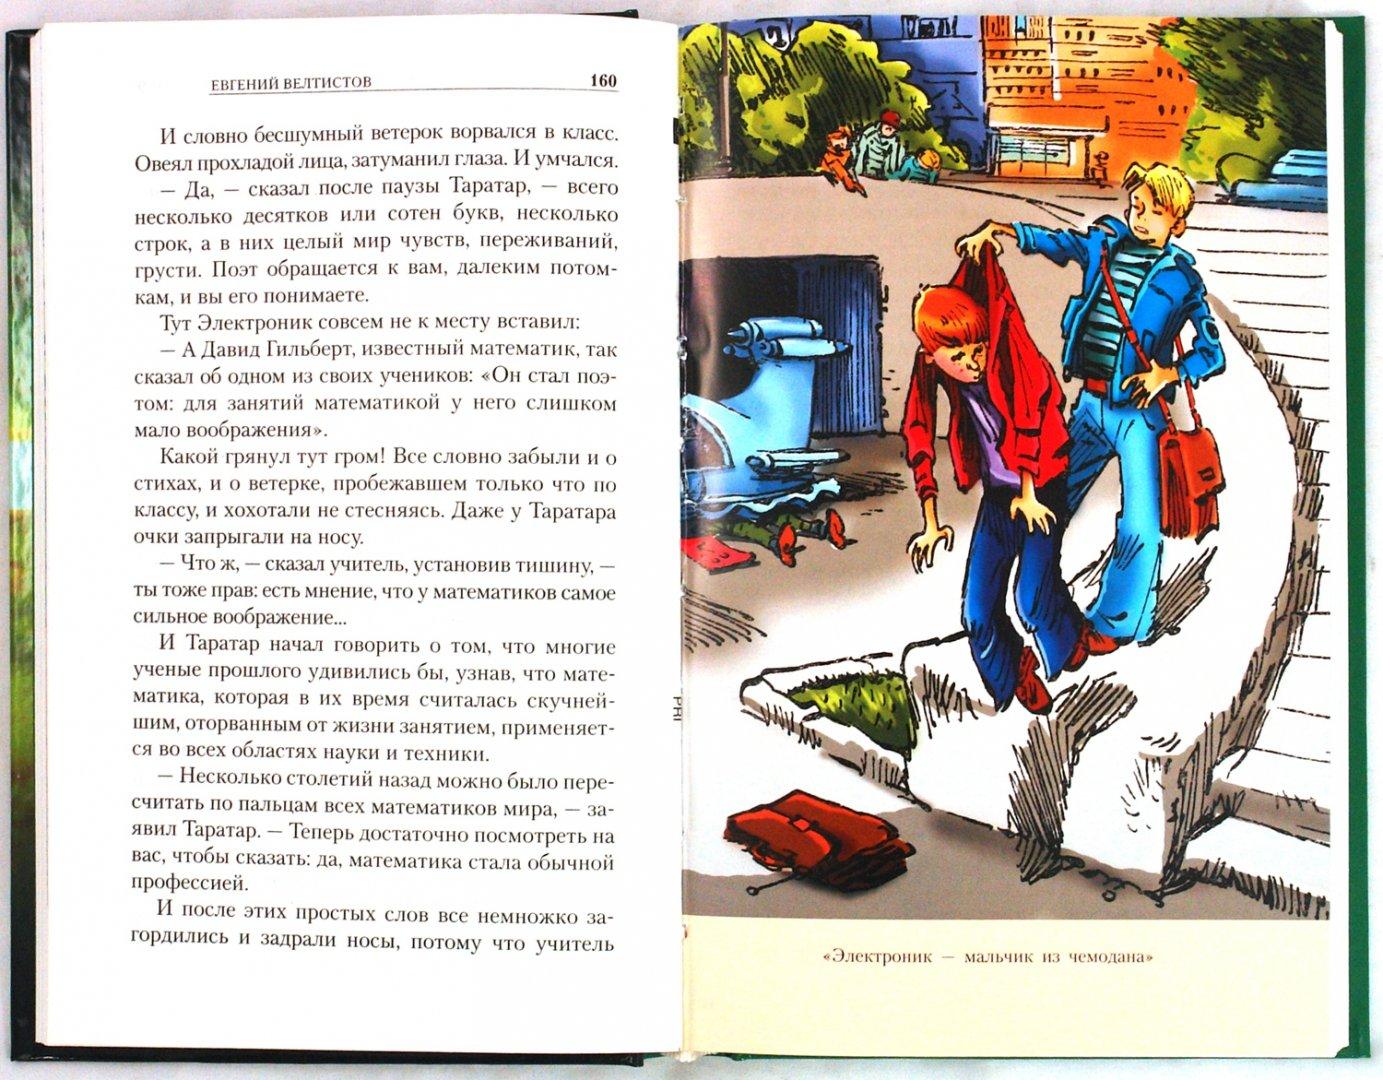 Иллюстрация 1 из 8 для Приключения Электроника - Евгений Велтистов | Лабиринт - книги. Источник: Лабиринт